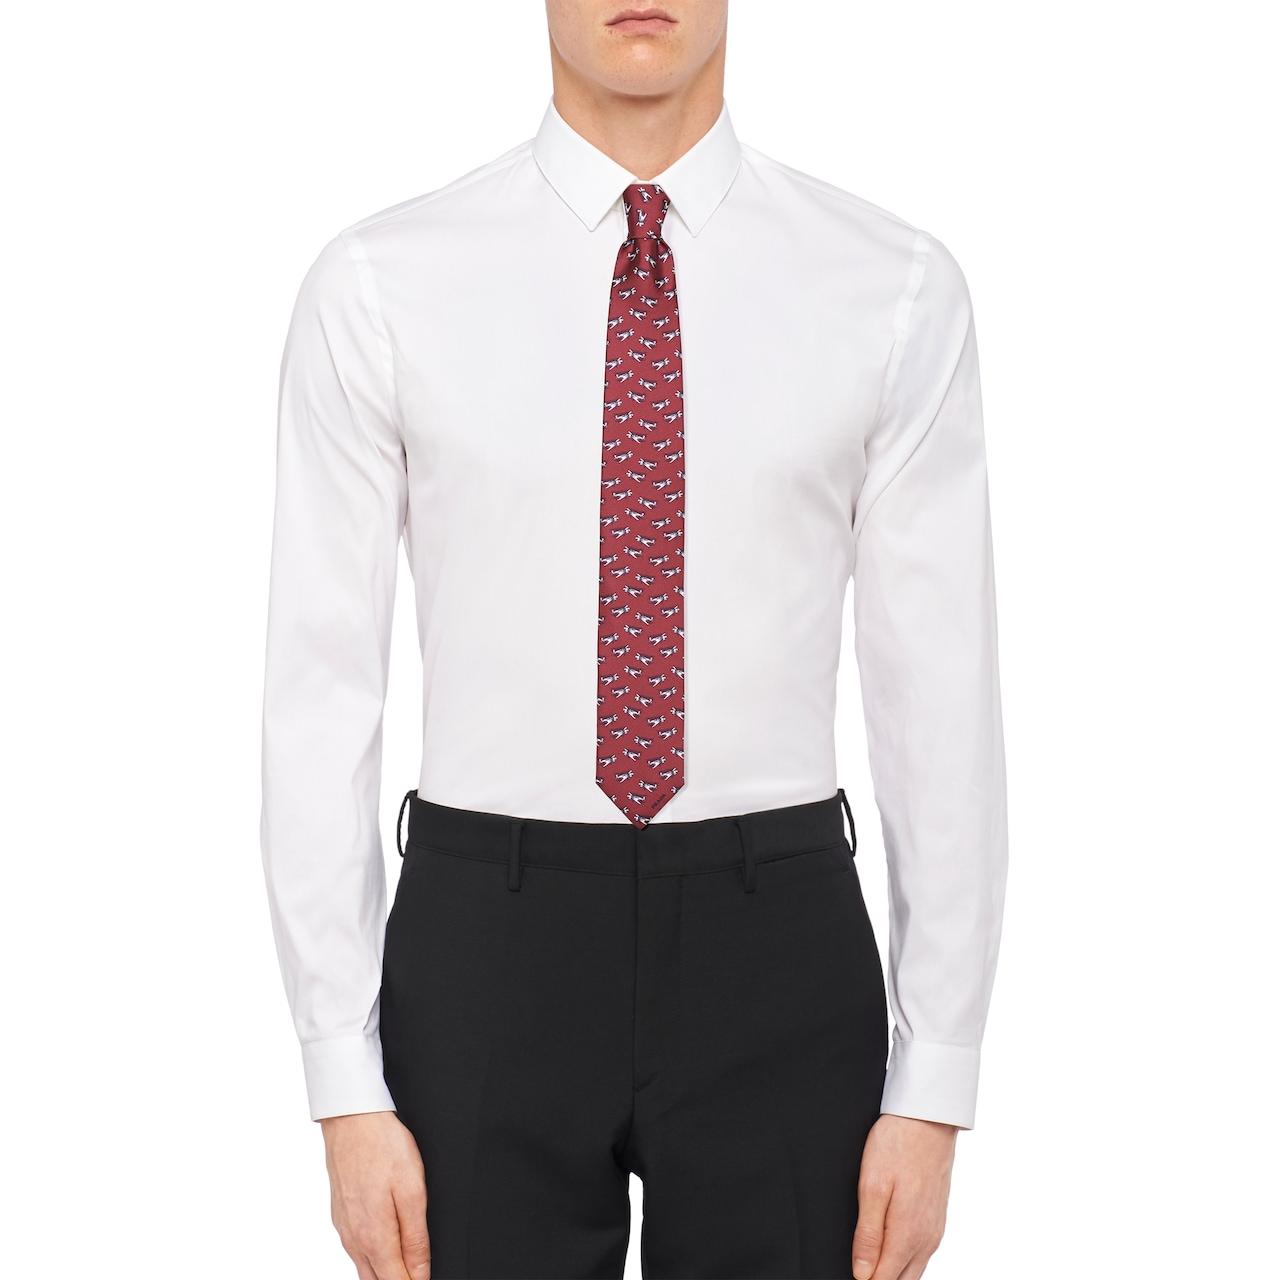 Prada 印花斜纹绸领带 2